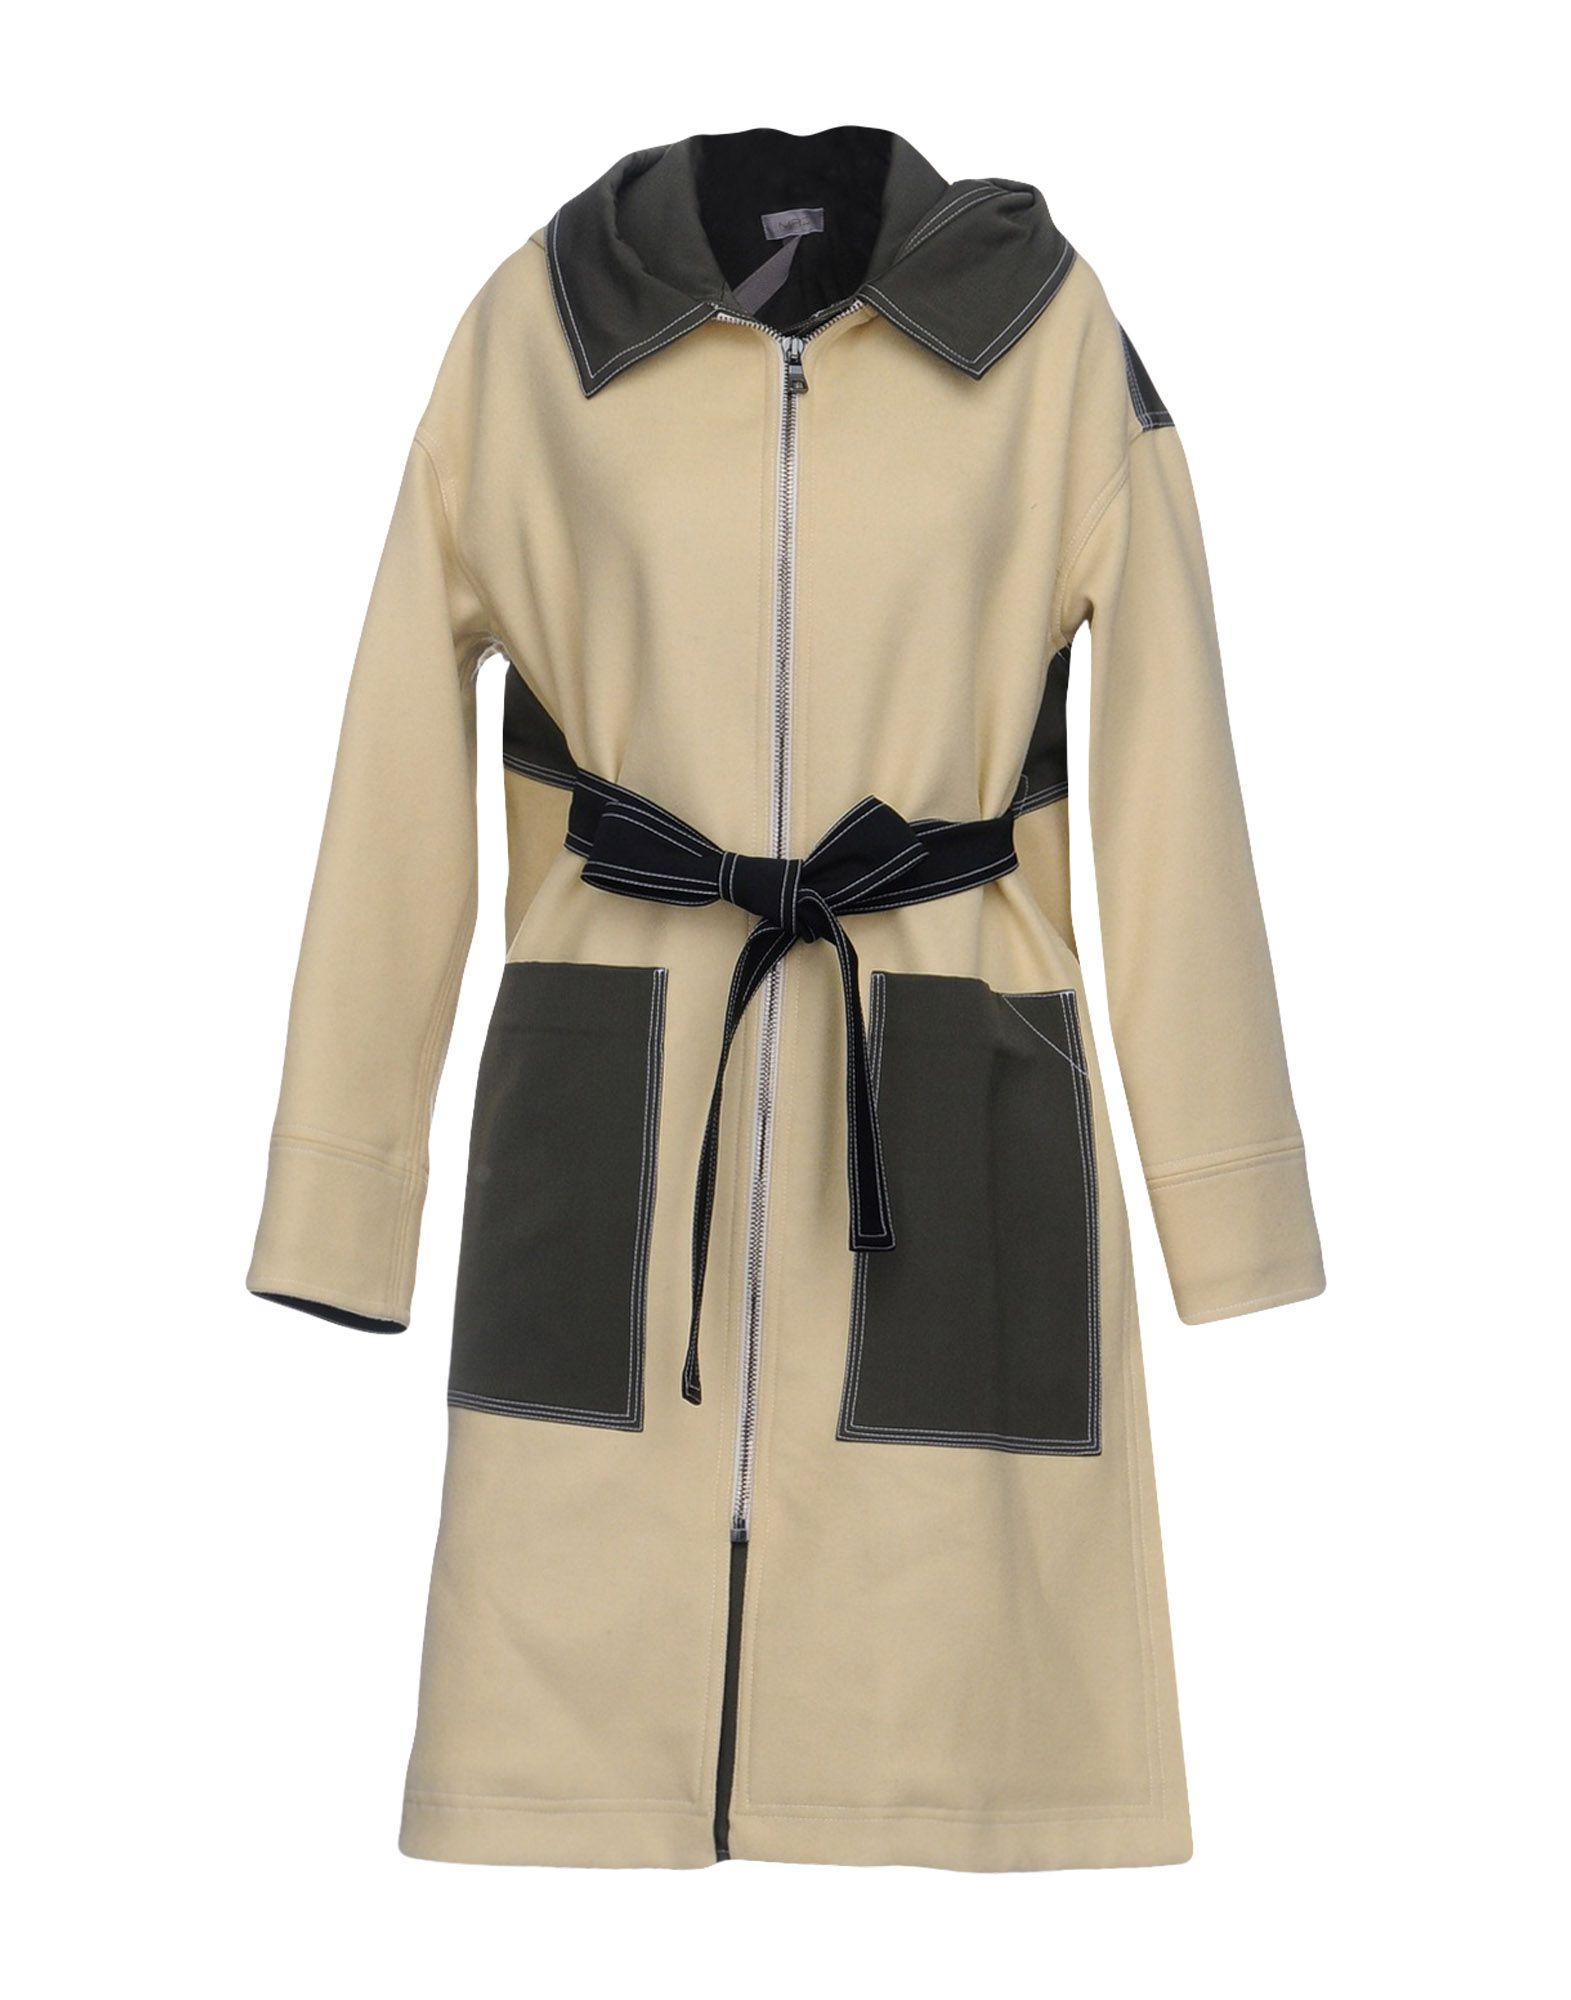 Mrz Coat In Ivory